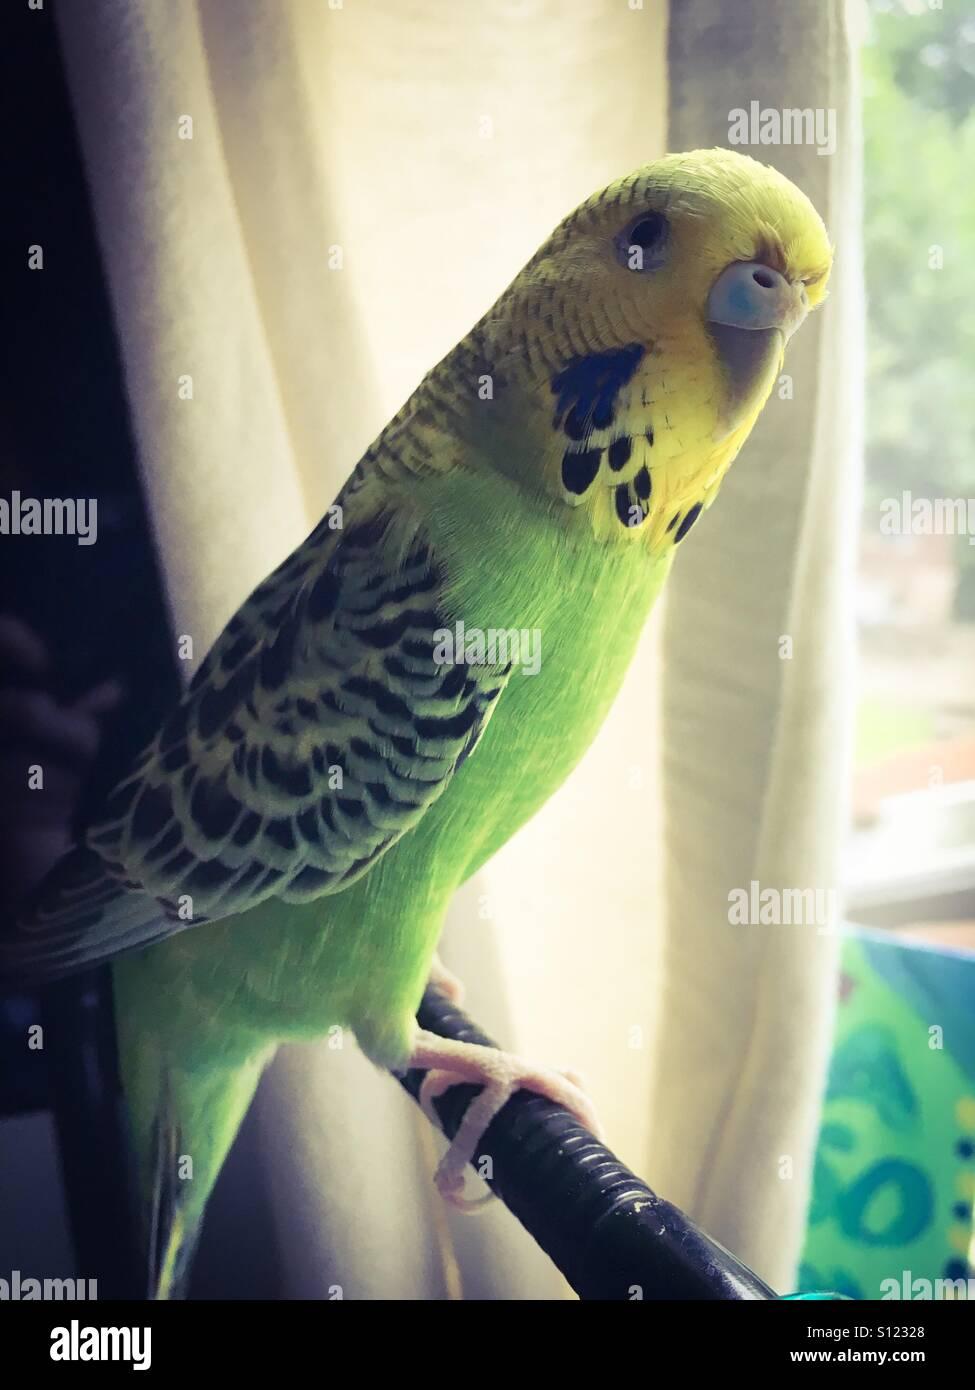 Un verde e giallo budgie pet. Immagini Stock